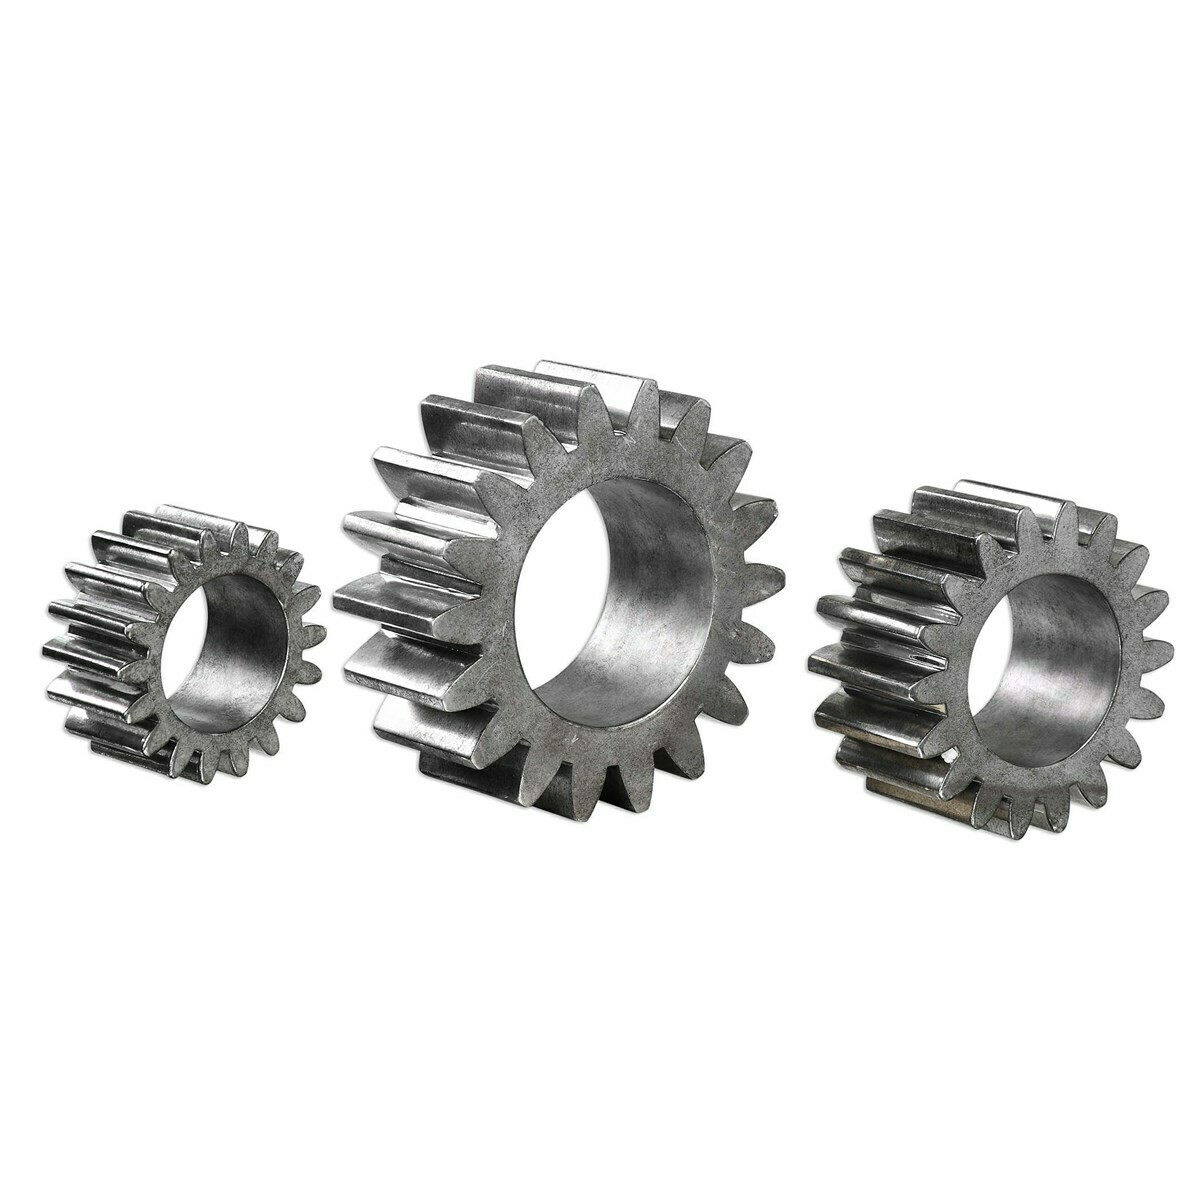 Gears S/3